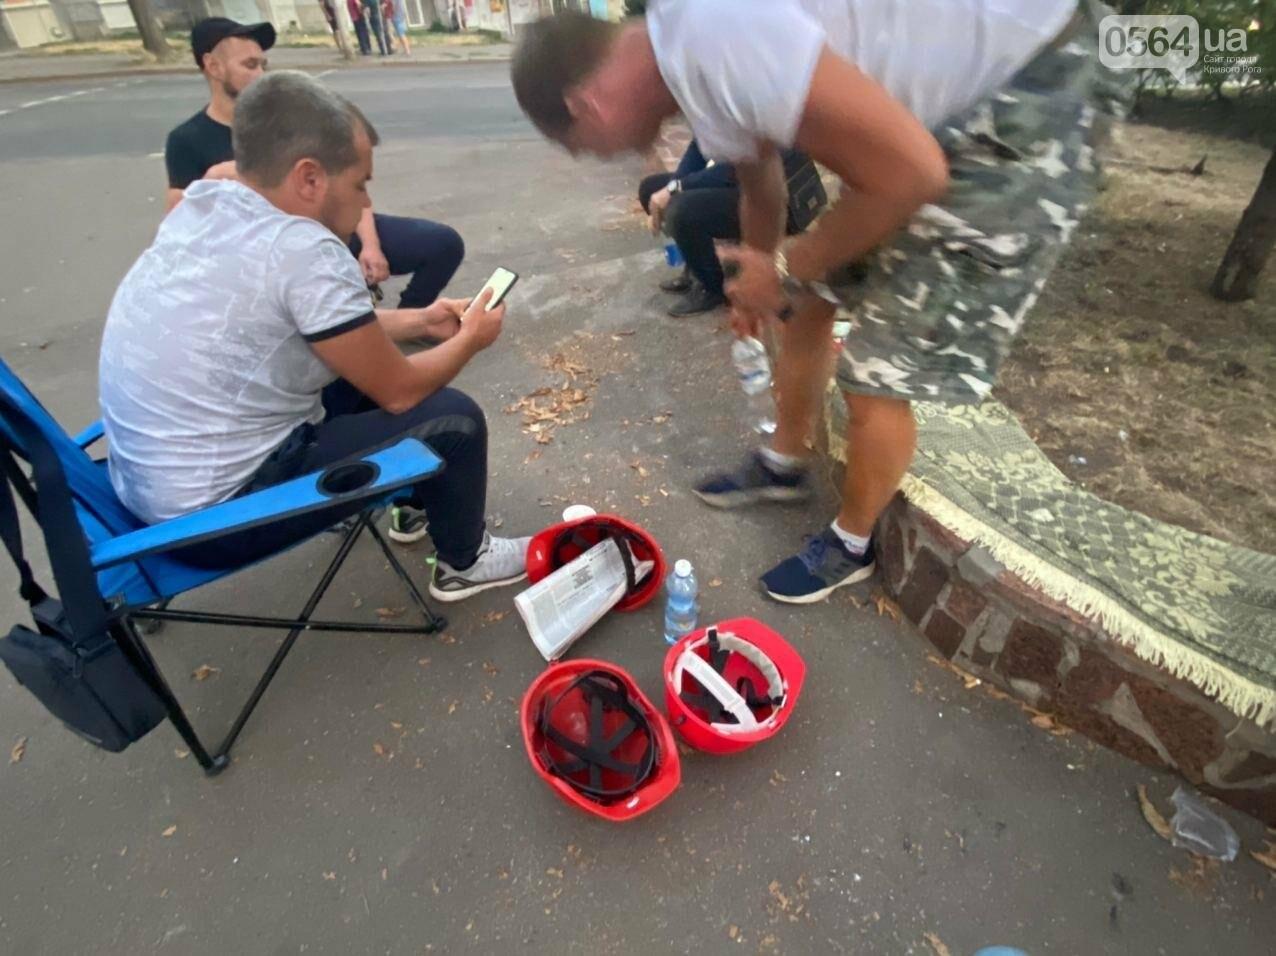 В поддержку горняков, которые бастуют под землей, криворожане разбили палаточный городок под админзданием КЖРК, - ФОТО, ВИДЕО , фото-1